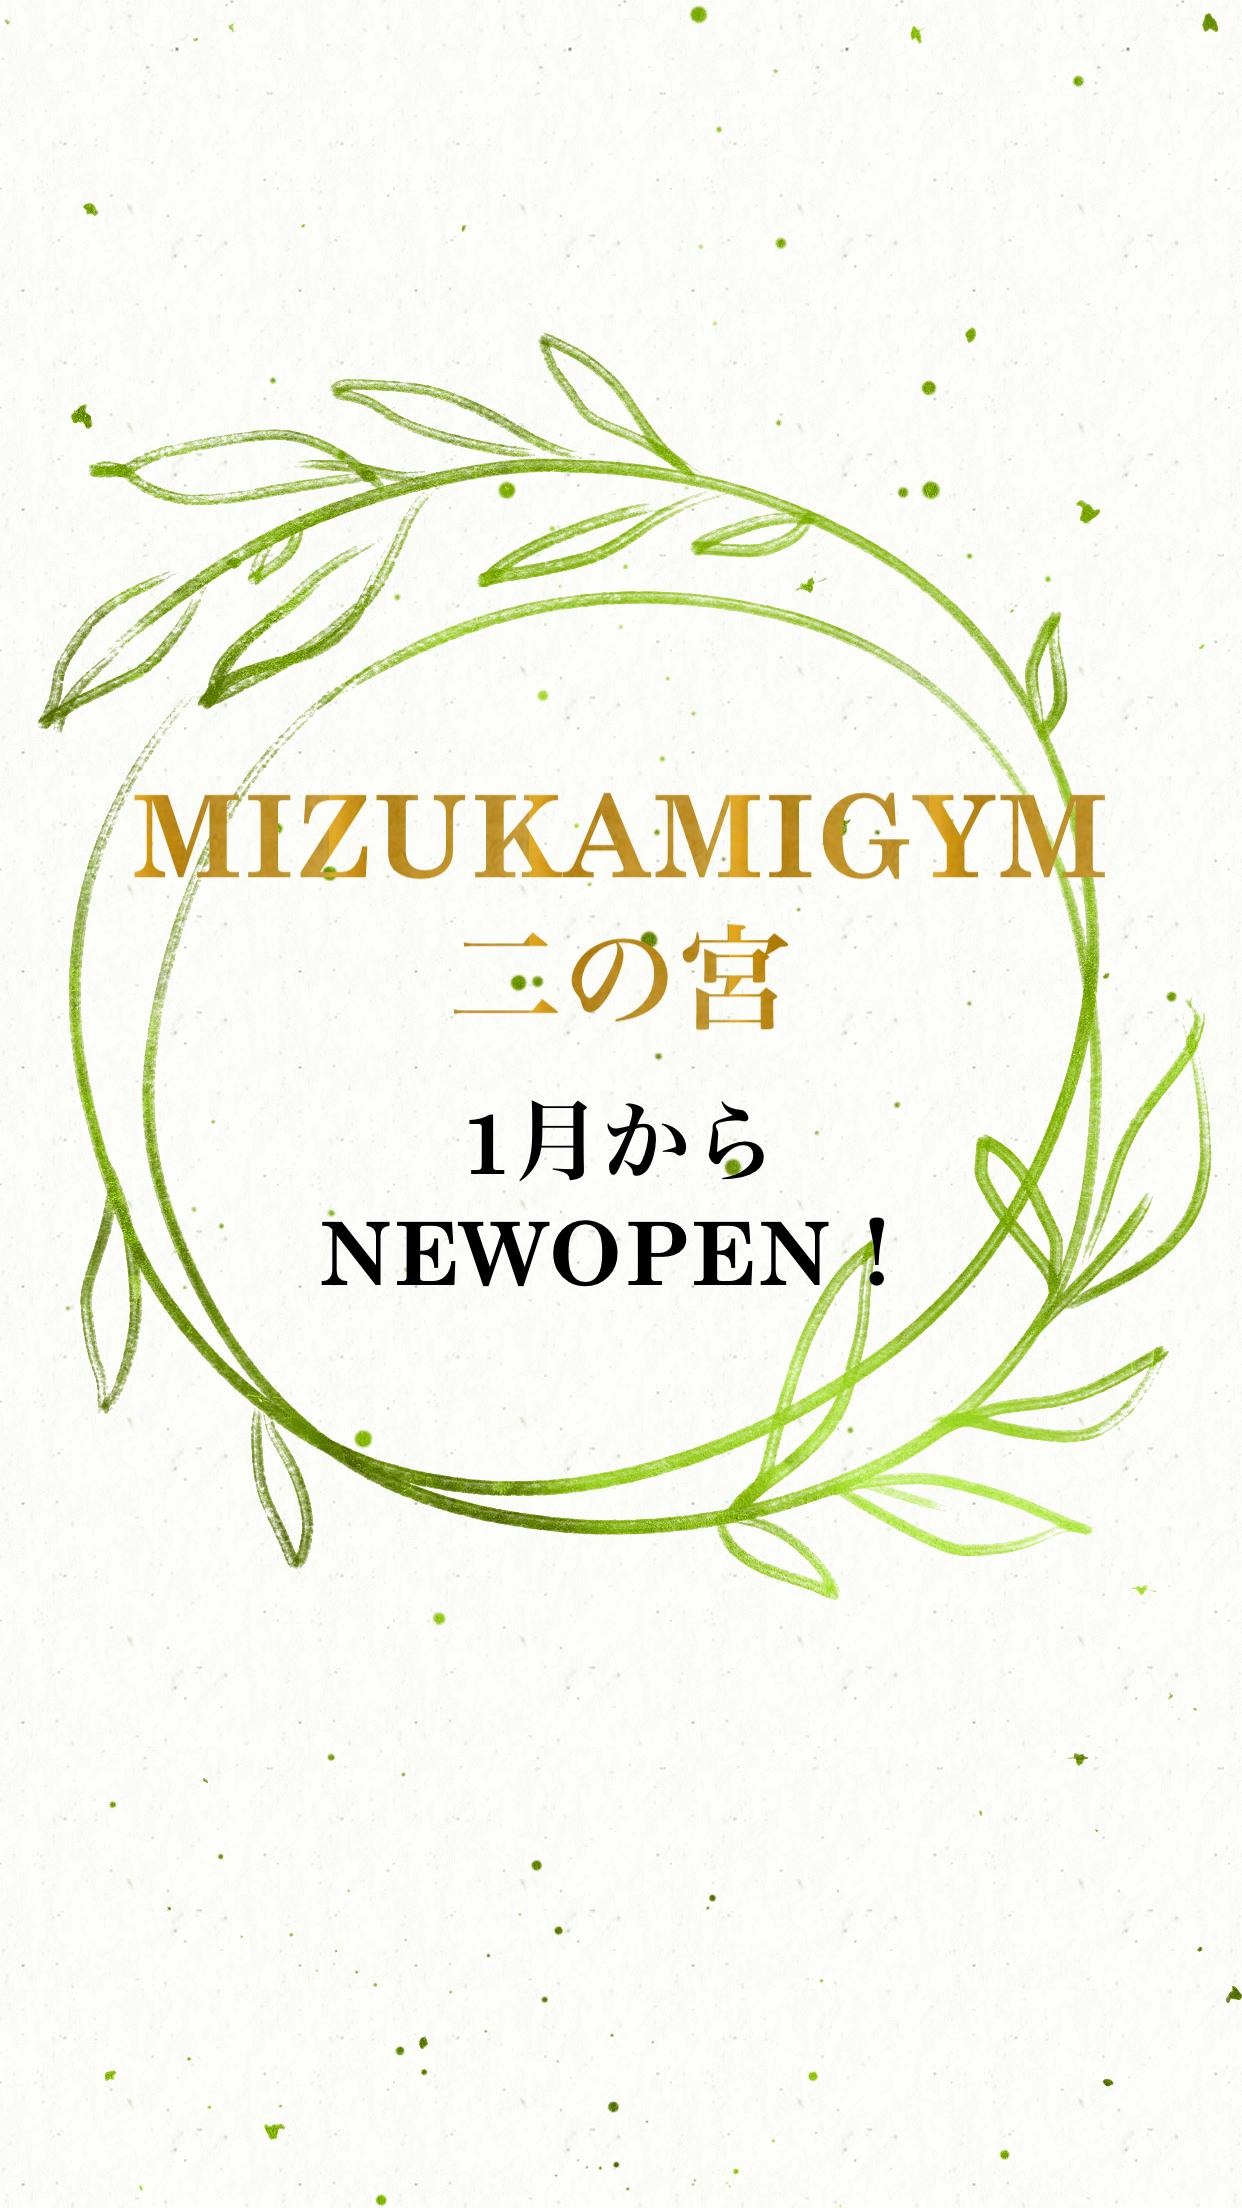 ~新規店舗のお知らせ~